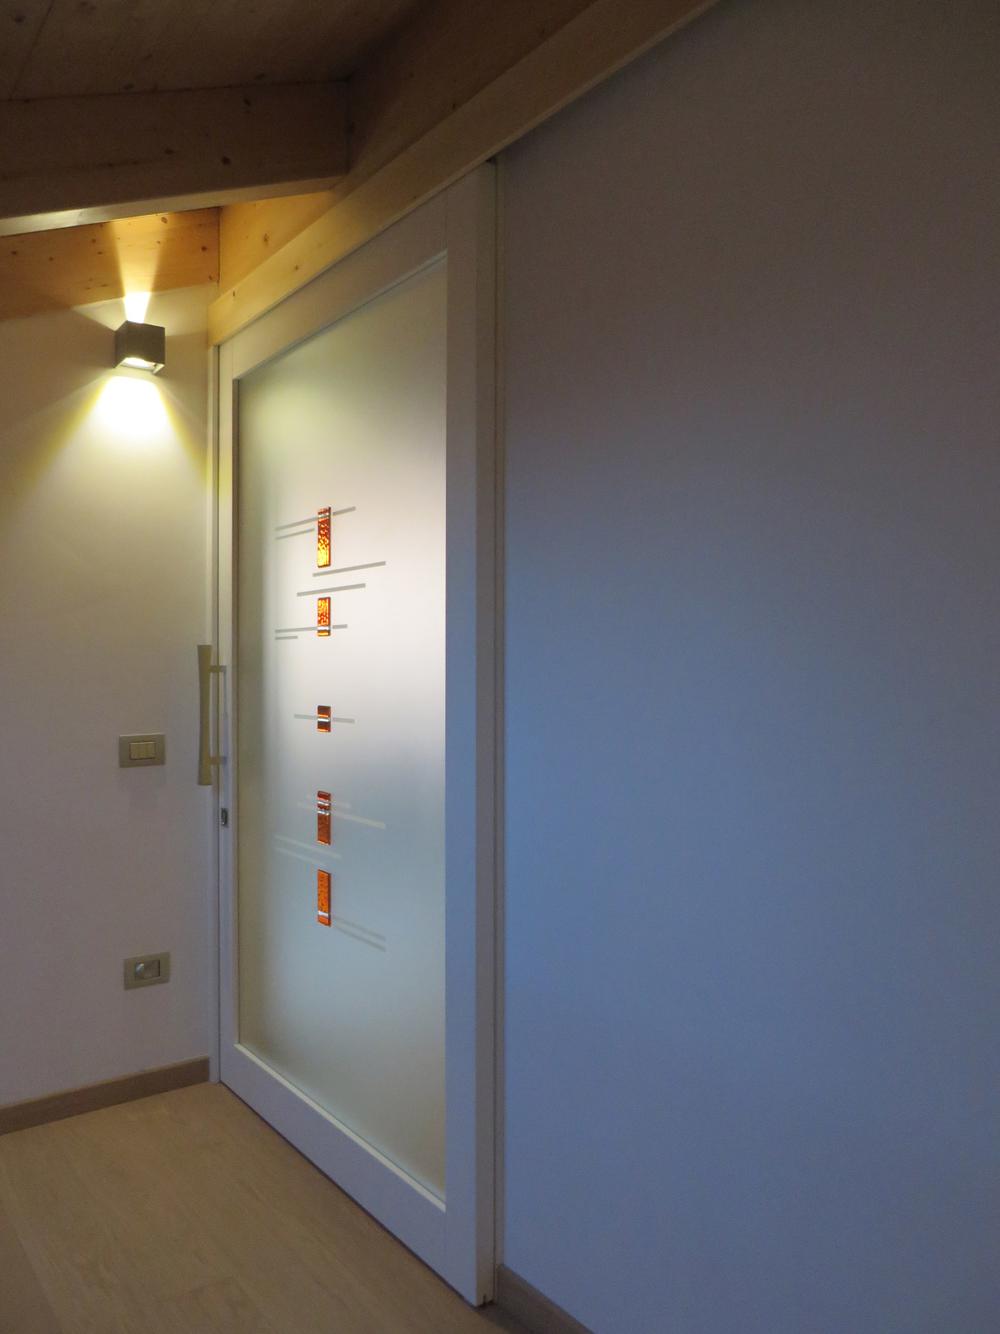 Porte scorrevoli in legno esterno muro - Porte scorrevoli a vetri ...